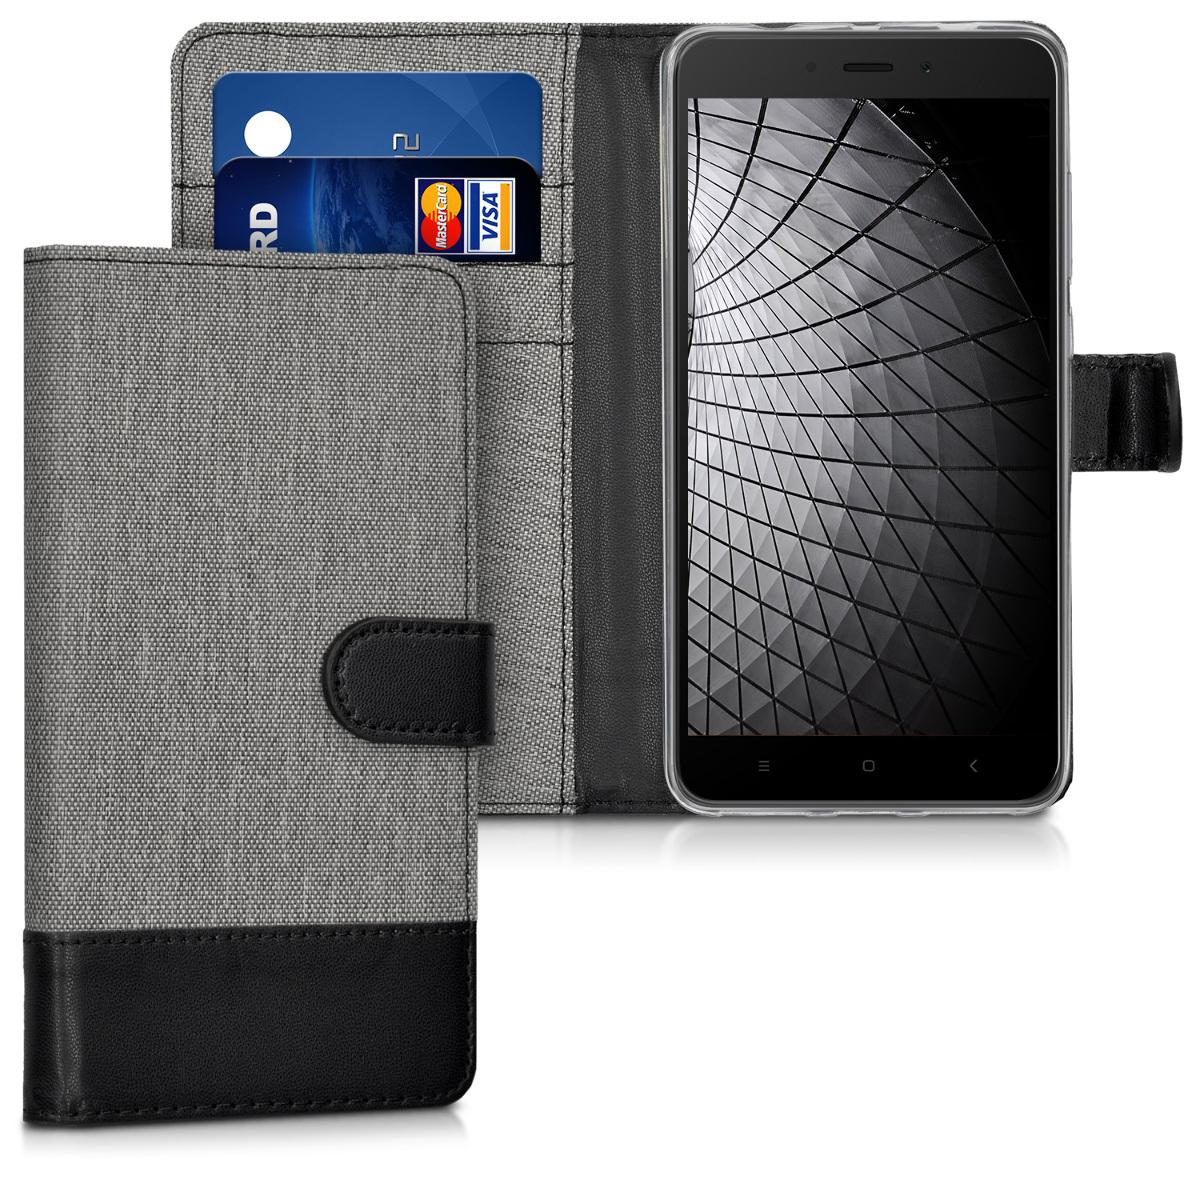 KW Θήκη Πορτοφόλι Xiaomi Redmi Note 4 / Note 4X  - Grey / Black (41544.22)